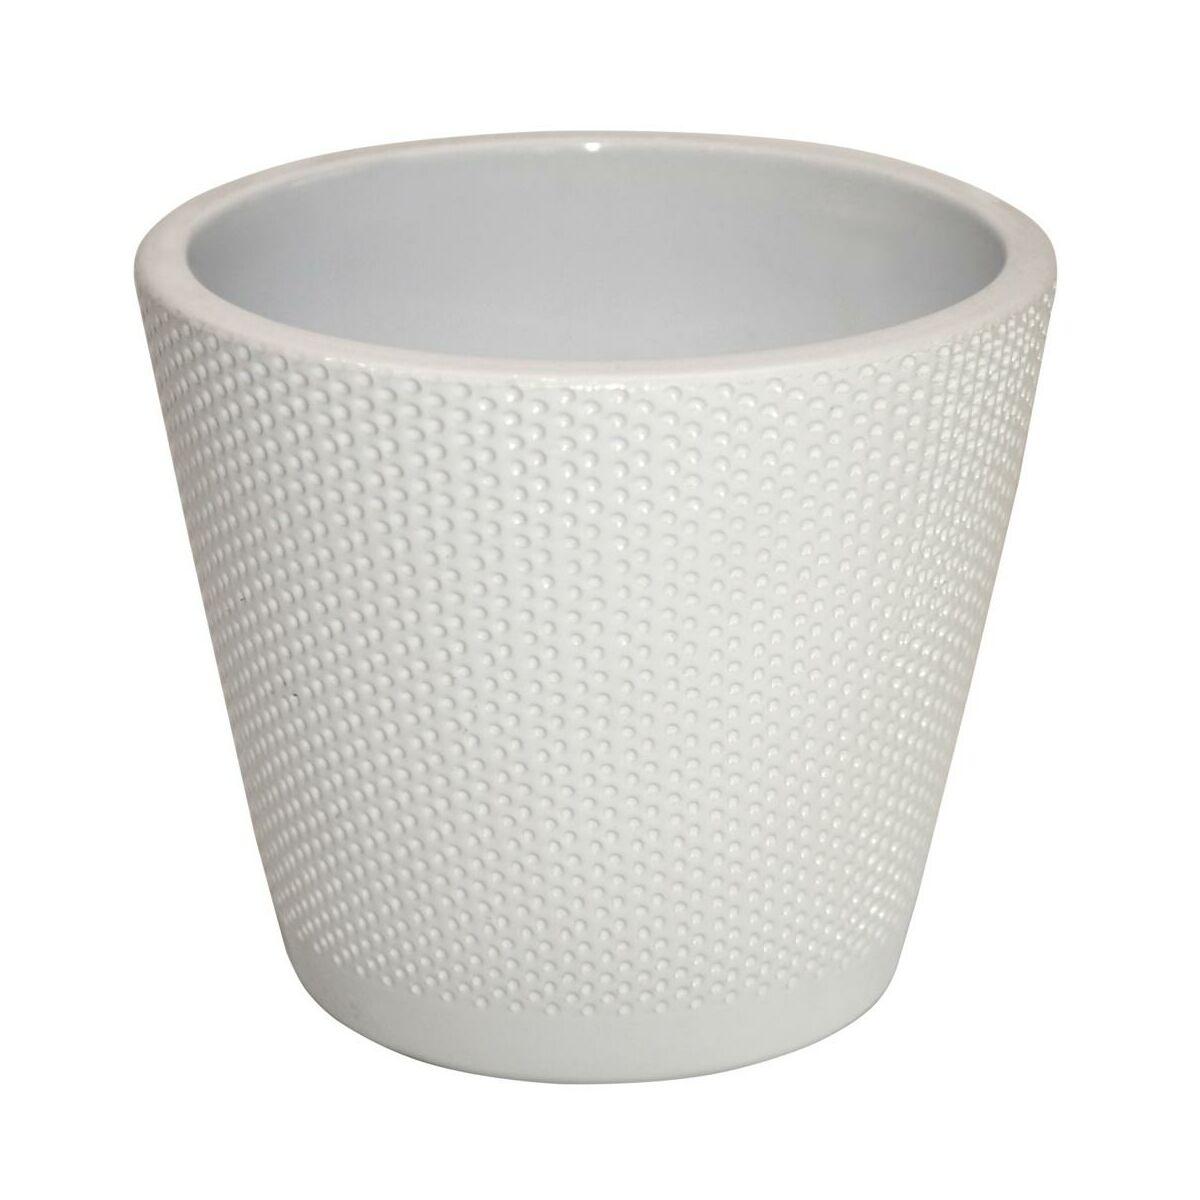 Osłonka Na Doniczkę 173 Cm Ceramiczna Biała Stożek Ceramik